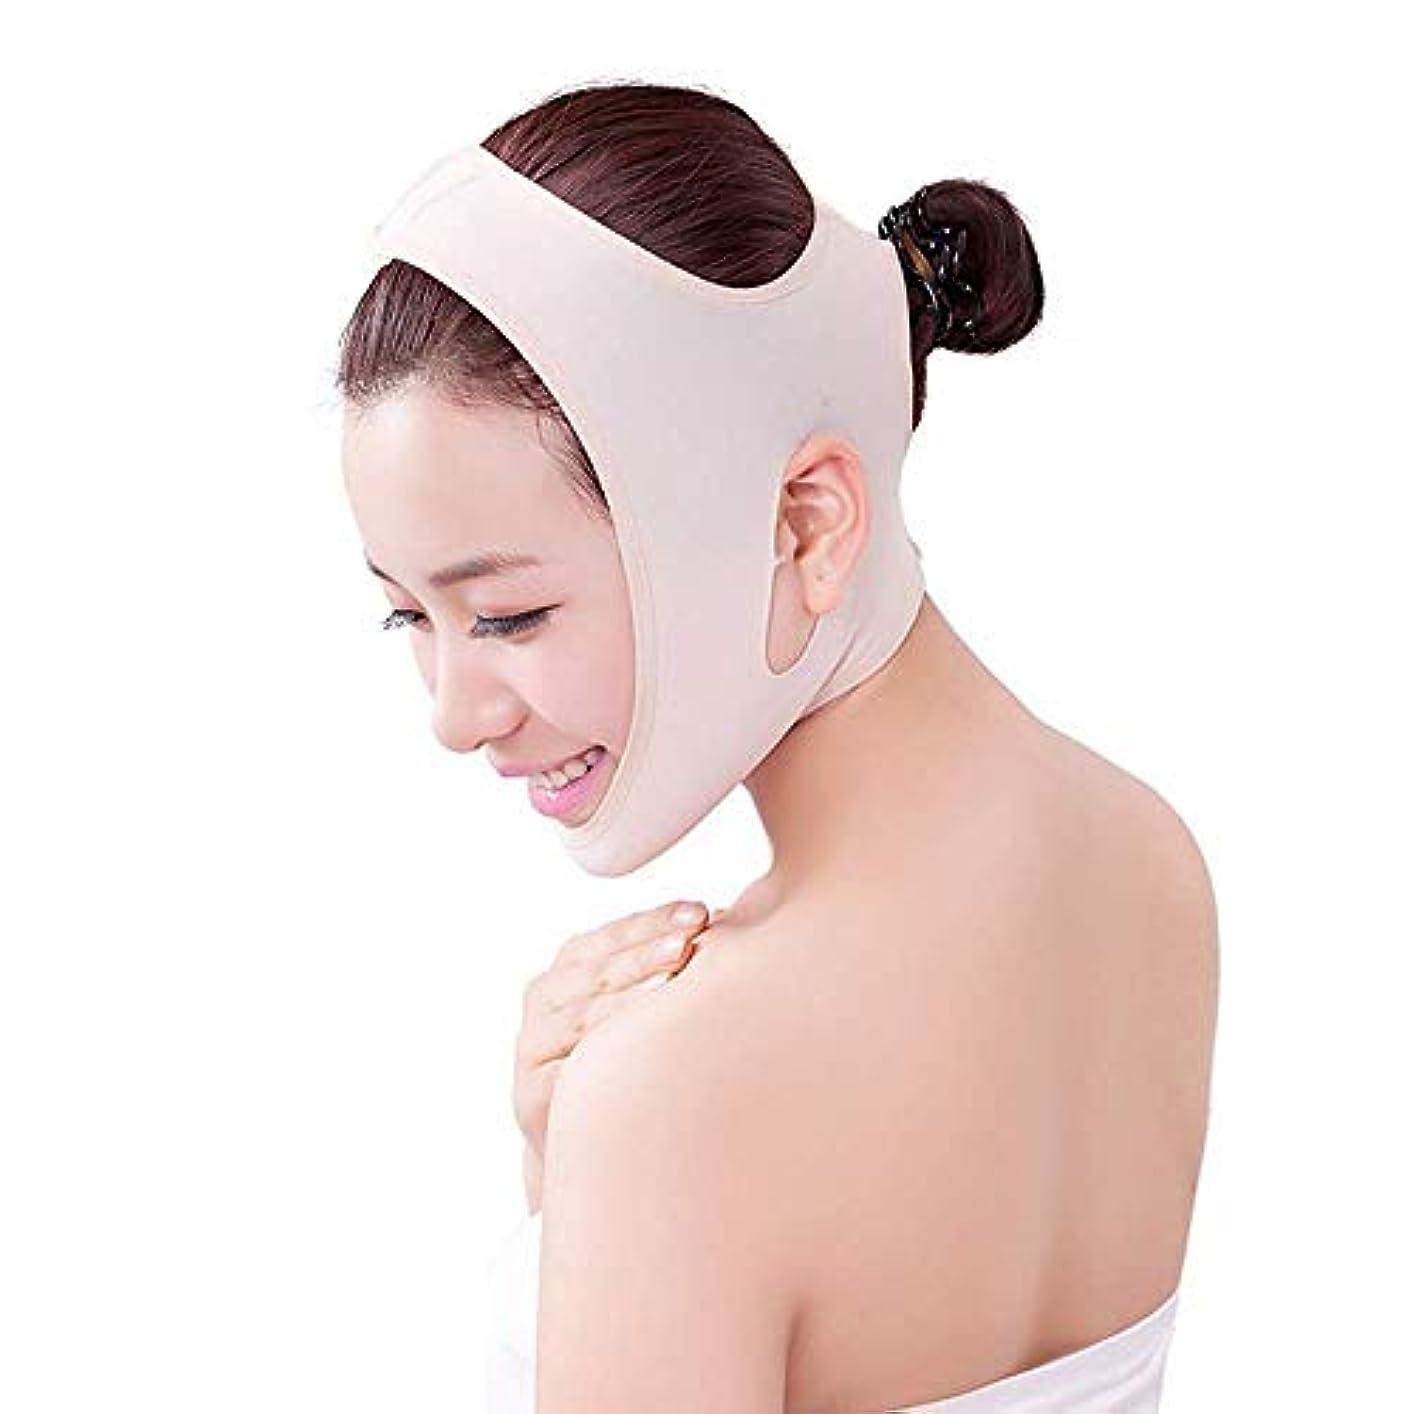 複製するリム乳製品薄型フェイスベルト - 男性用および女性用の包帯をフランスの顔用リフティングマスク器具に引き締める薄型フェイスVフェイス薄型ダブルチンフェイスリフティングベルト(サイズ:M),L